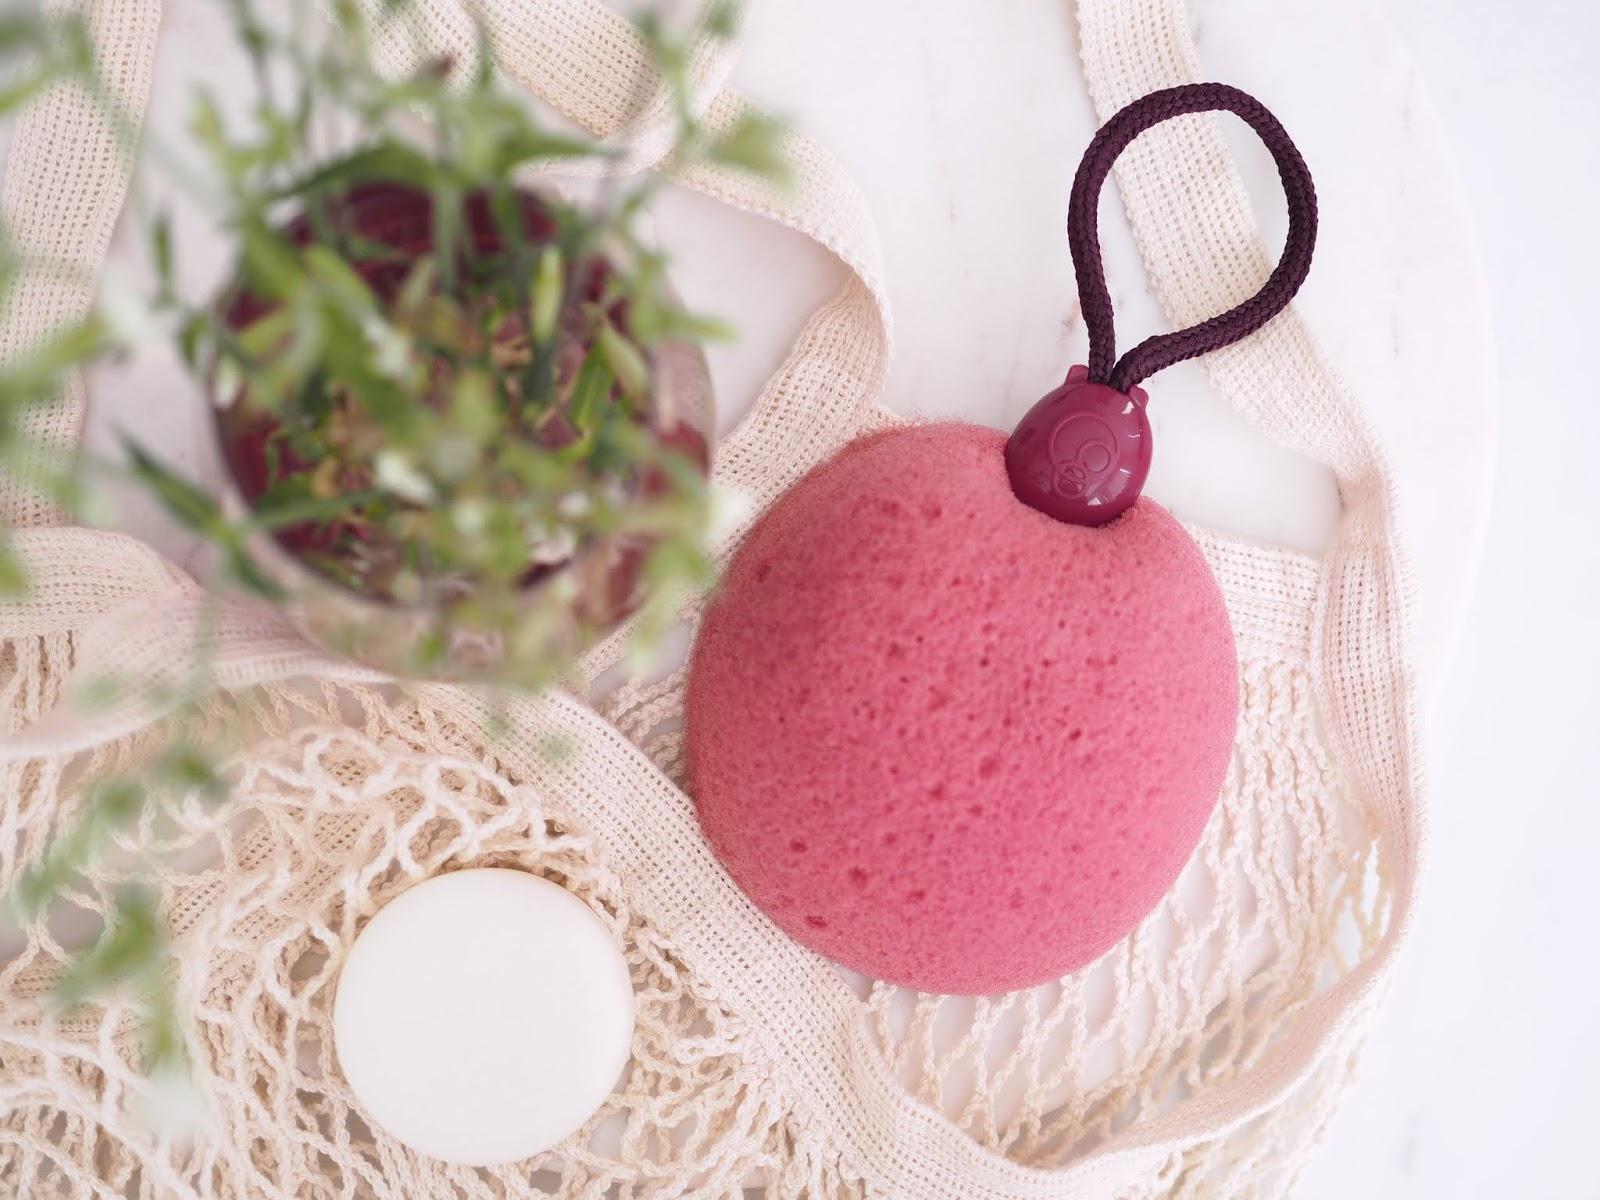 Foamie čistiaca huba a srpchovacie mydlo 2v1, Soaphoria tuhý telový krém Happy Bar, hydratácia a výživa pokožky, starostlivosť o pokožku tela, prírodná kozmetika